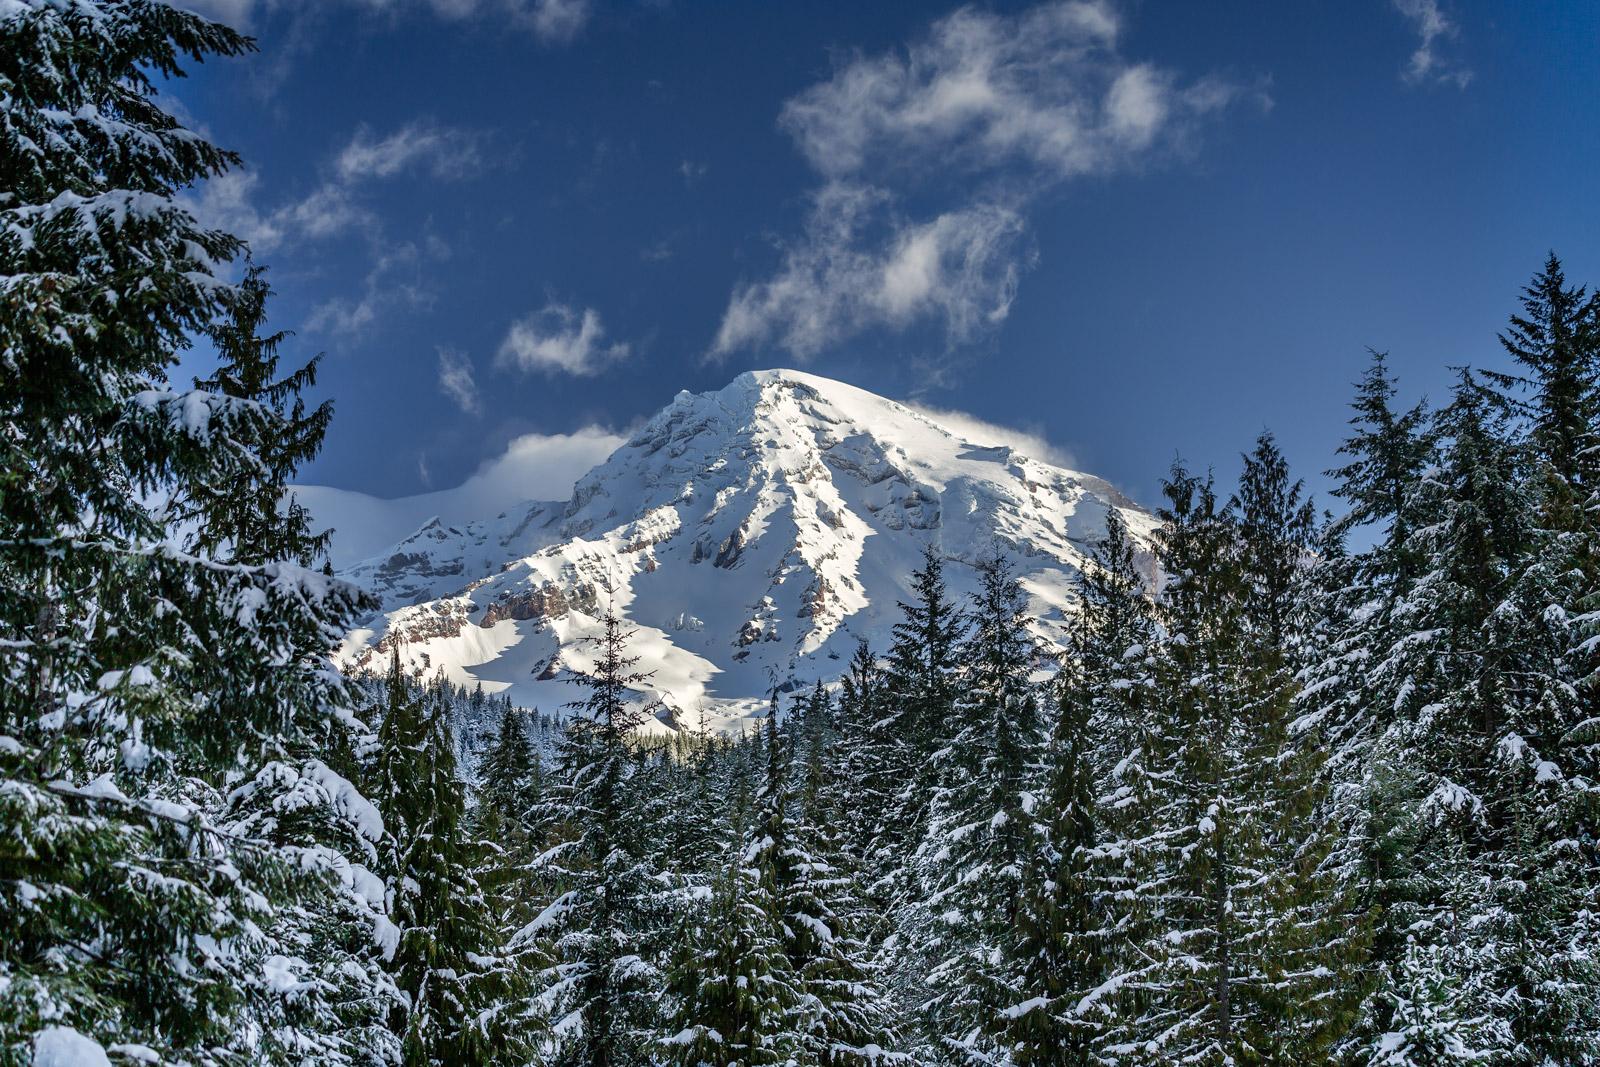 Washington, Mount Rainier, Snow, Winter, limited edition, photograph, fine art, landscape, photo